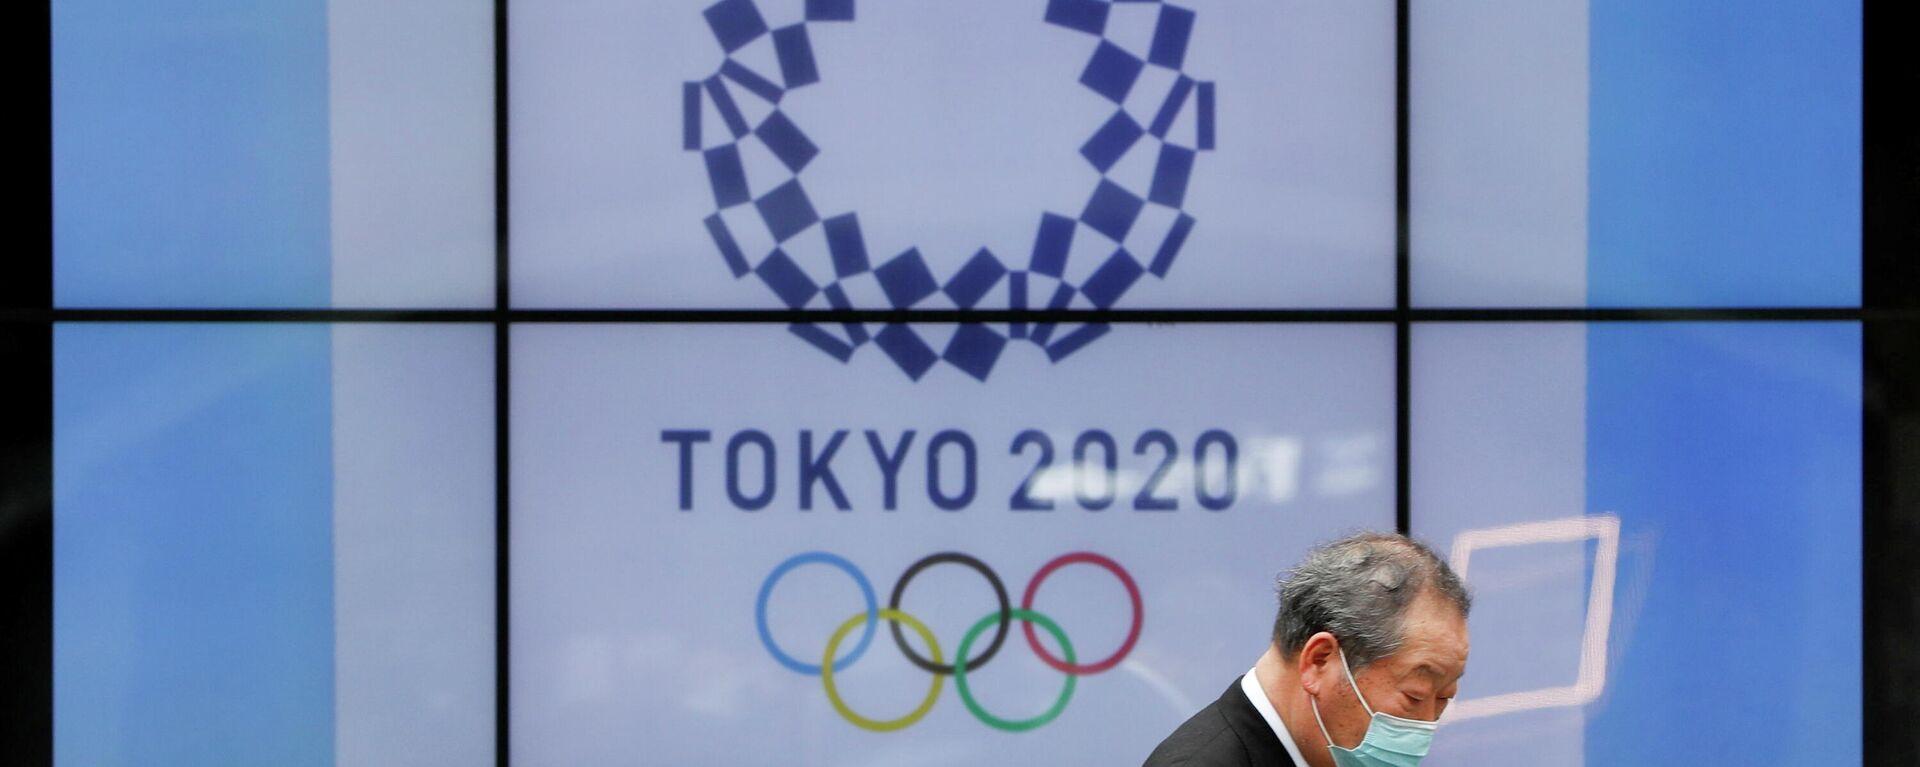 Logo de los Juegos Olímpicos y Paralímpicos de Tokio - Sputnik Mundo, 1920, 09.06.2021